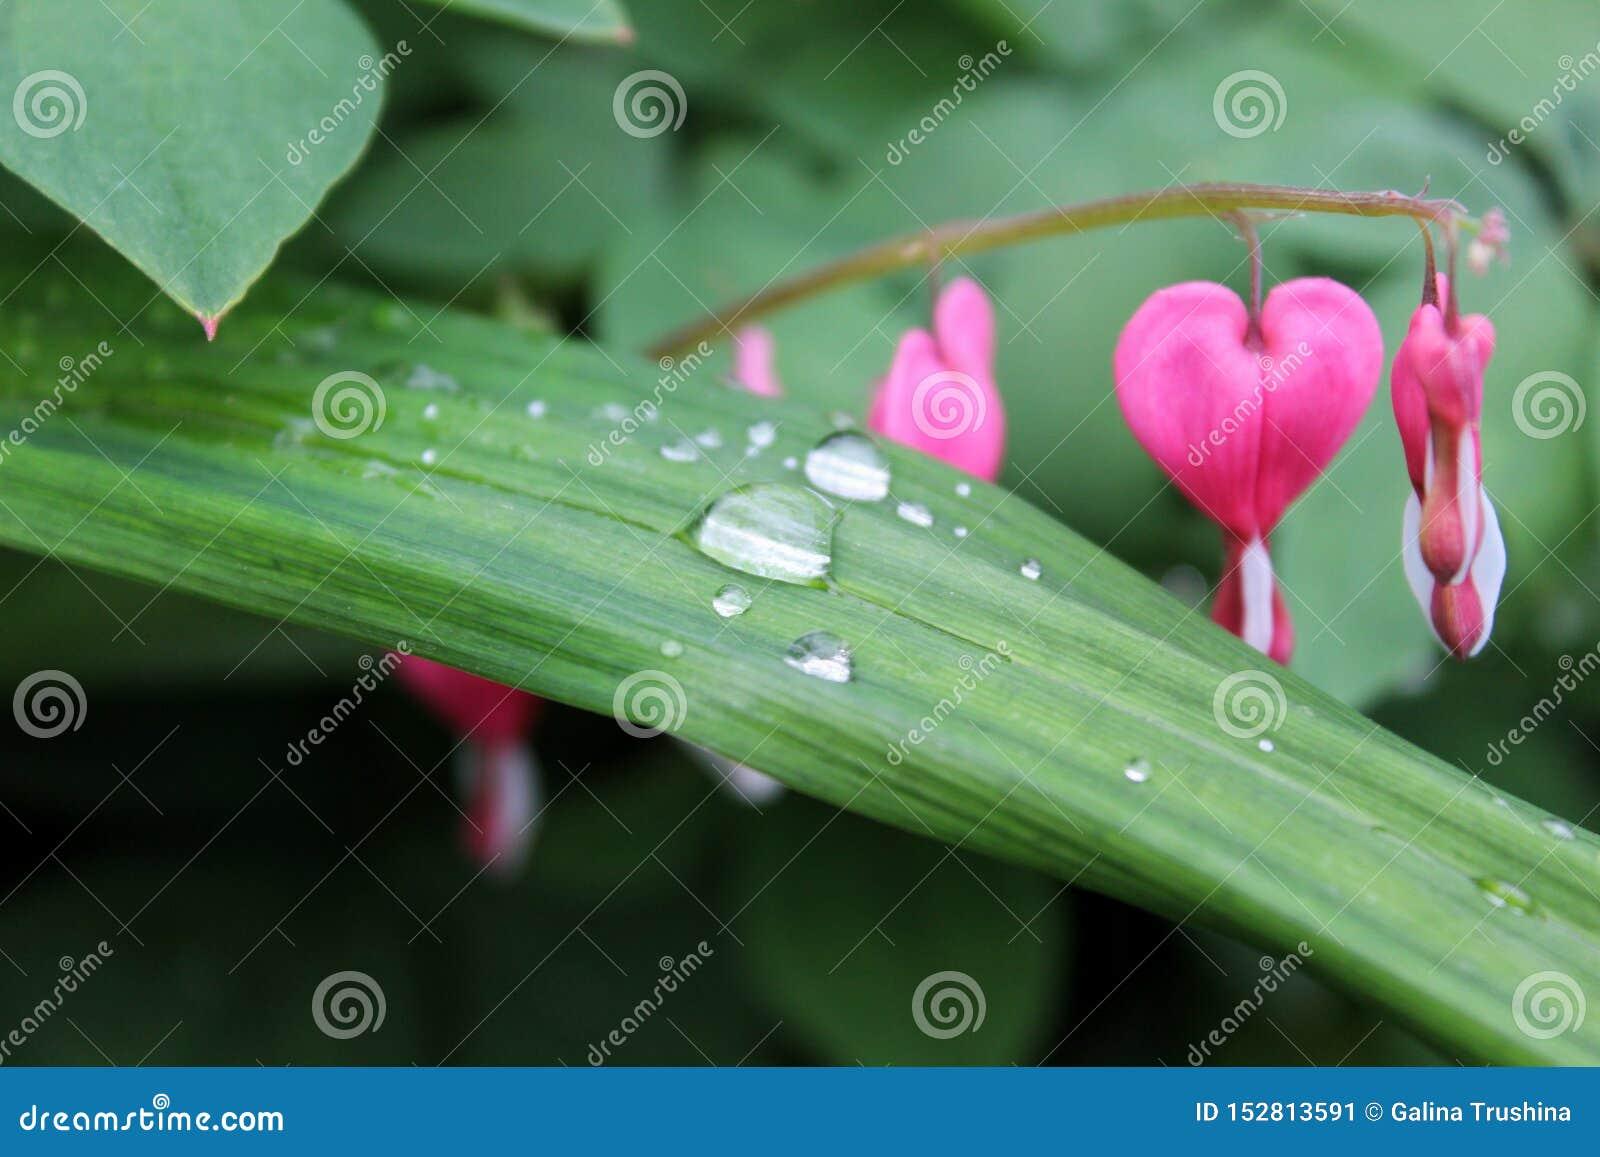 Gotas de agua en una hoja de una planta, flores rosadas en el fondo